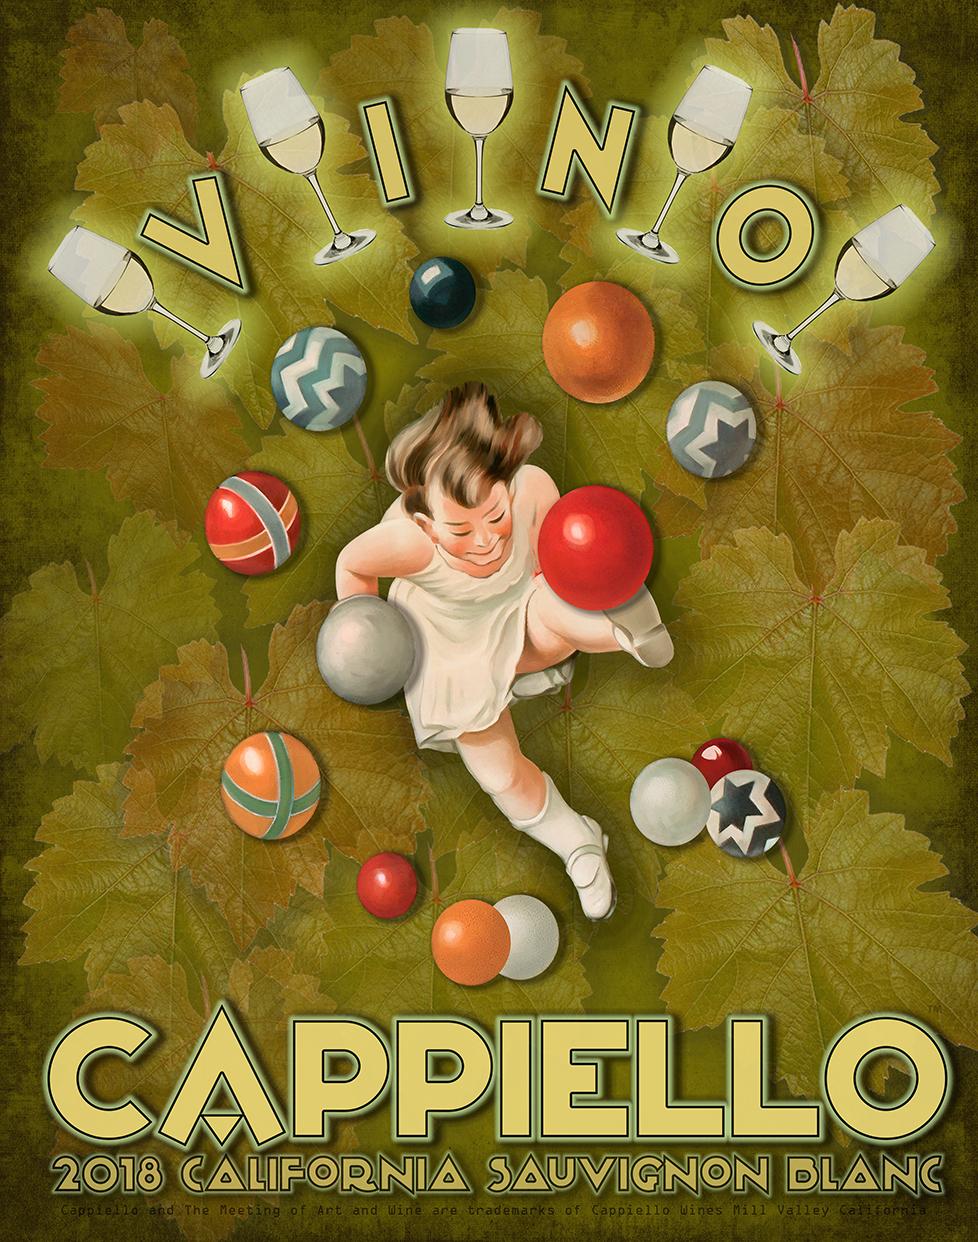 Cappiello 2018 Sauvignon Blanc Poster